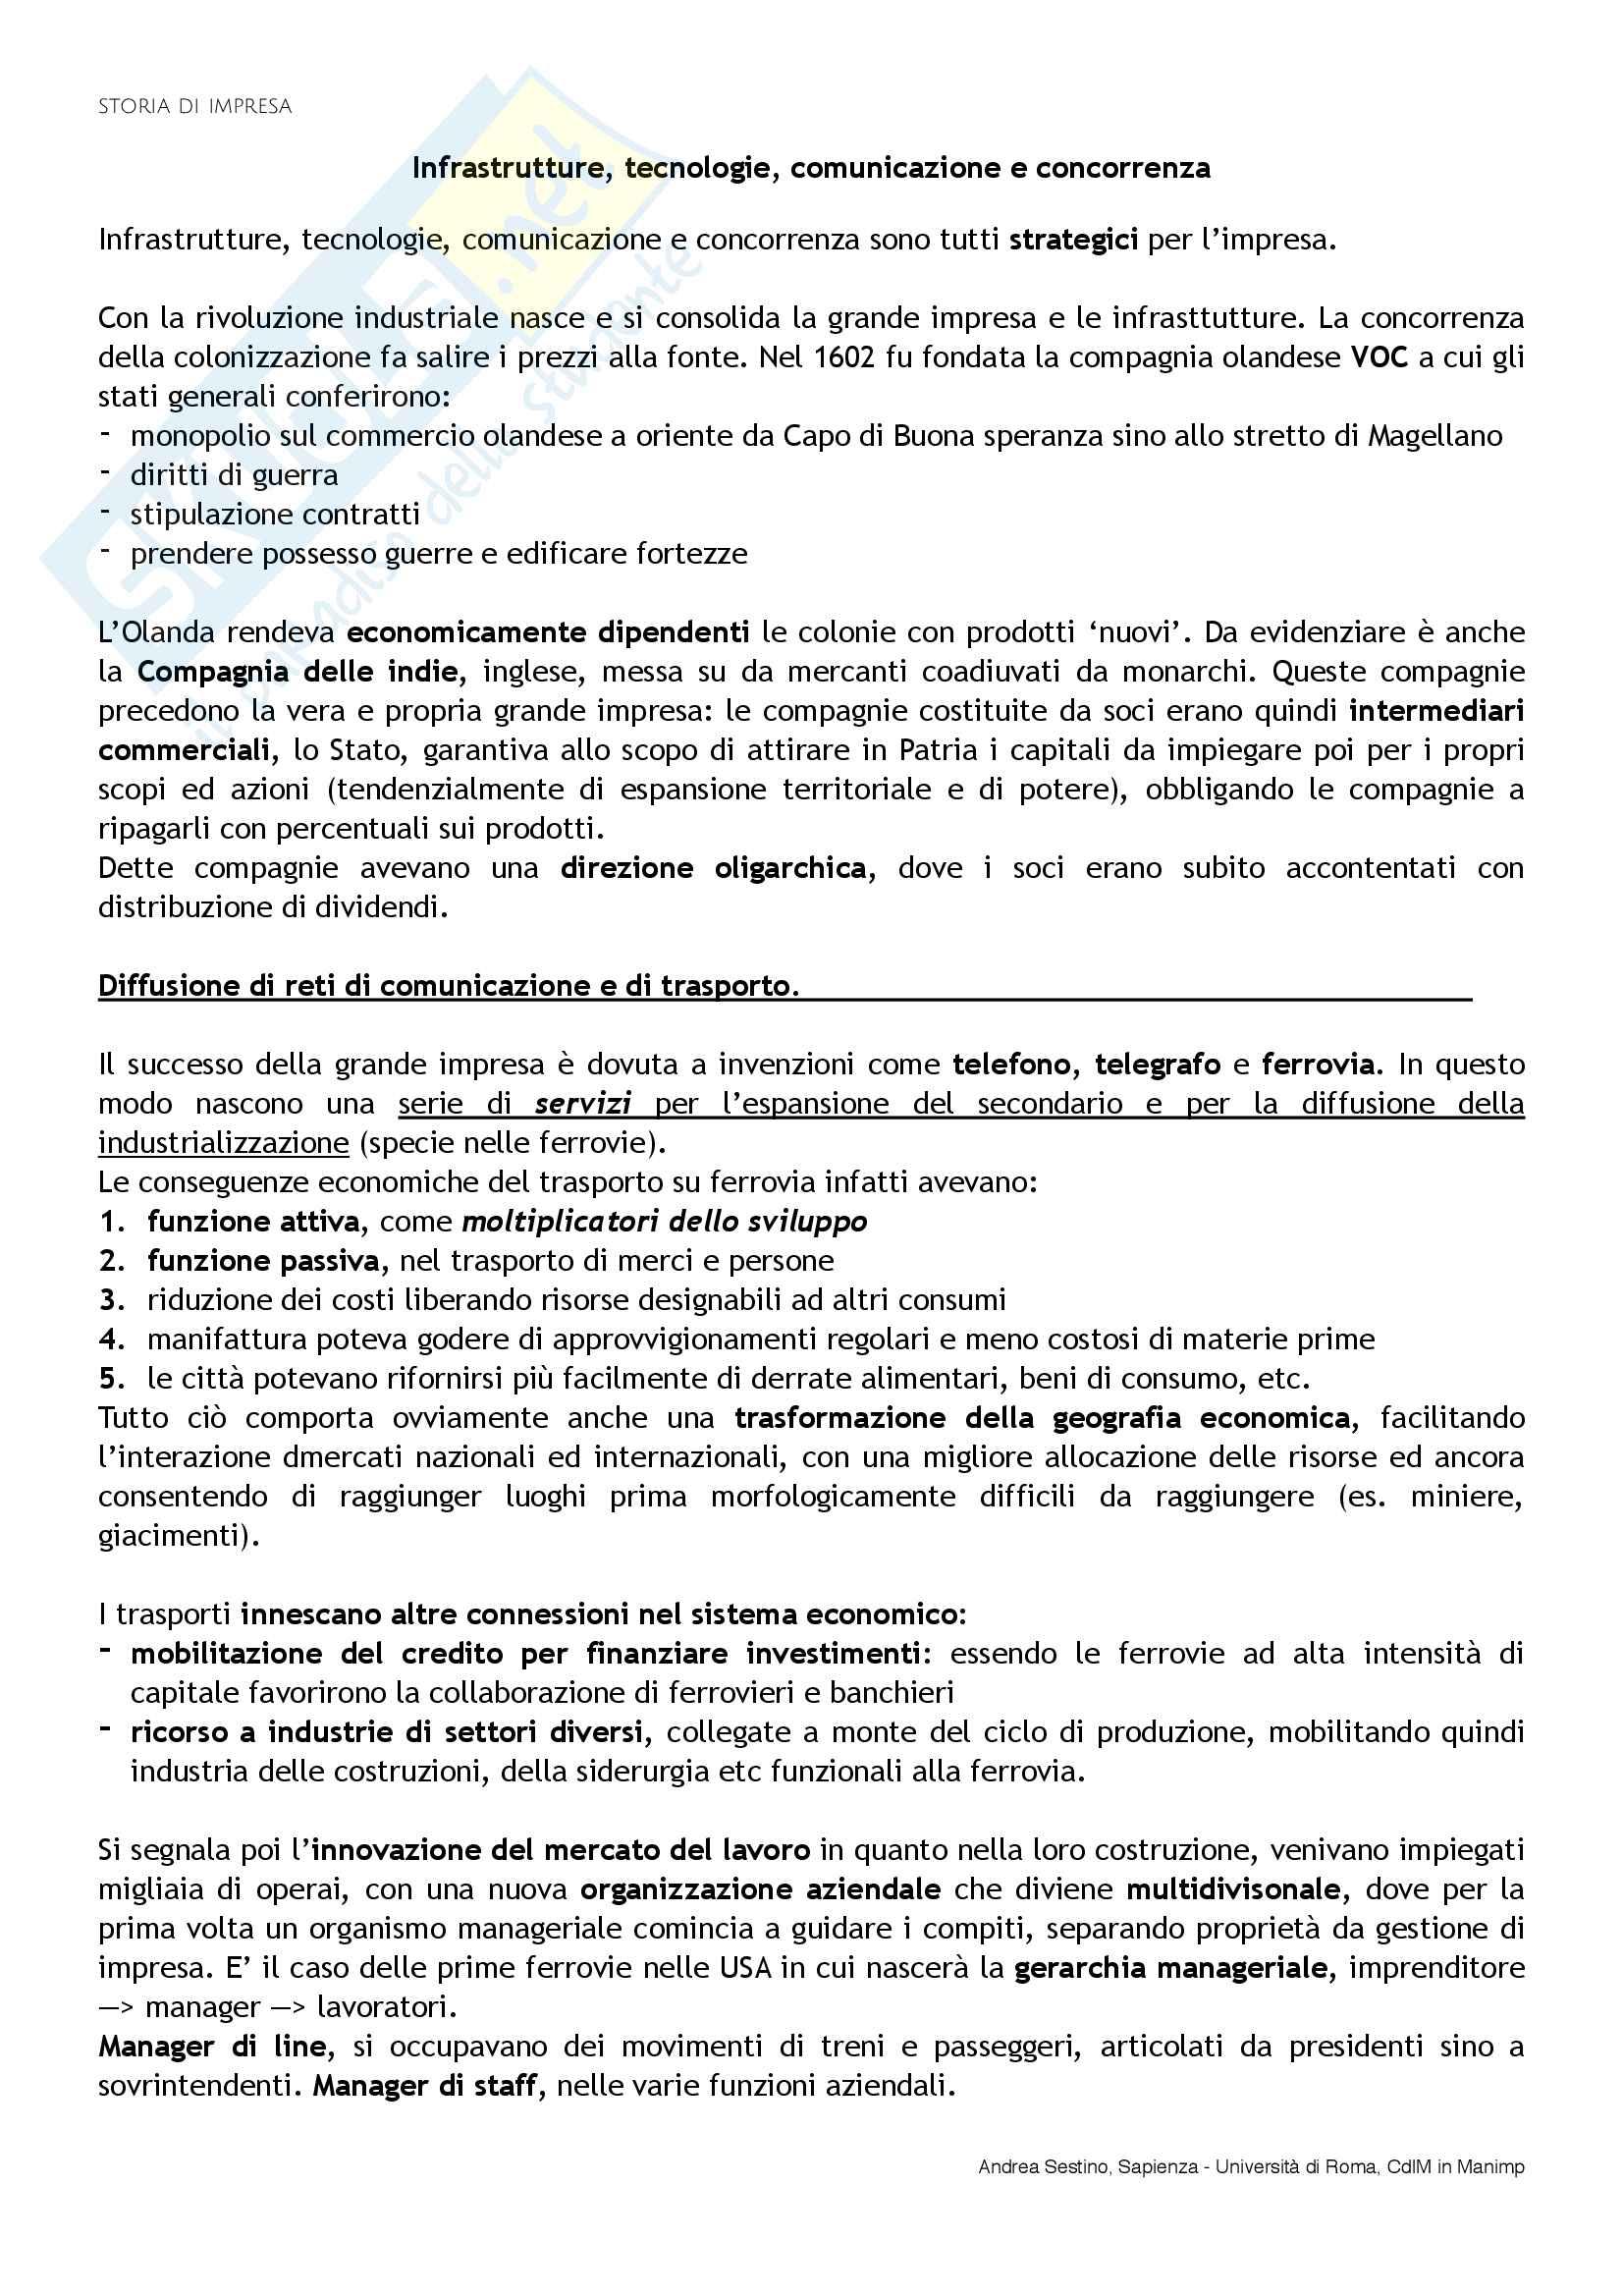 Riassunto esame Storia di impresa, docente D. Strangio, libro consigliato Storia d'impresa: Complessità e comparazioni, Colli-Amadori Pag. 6